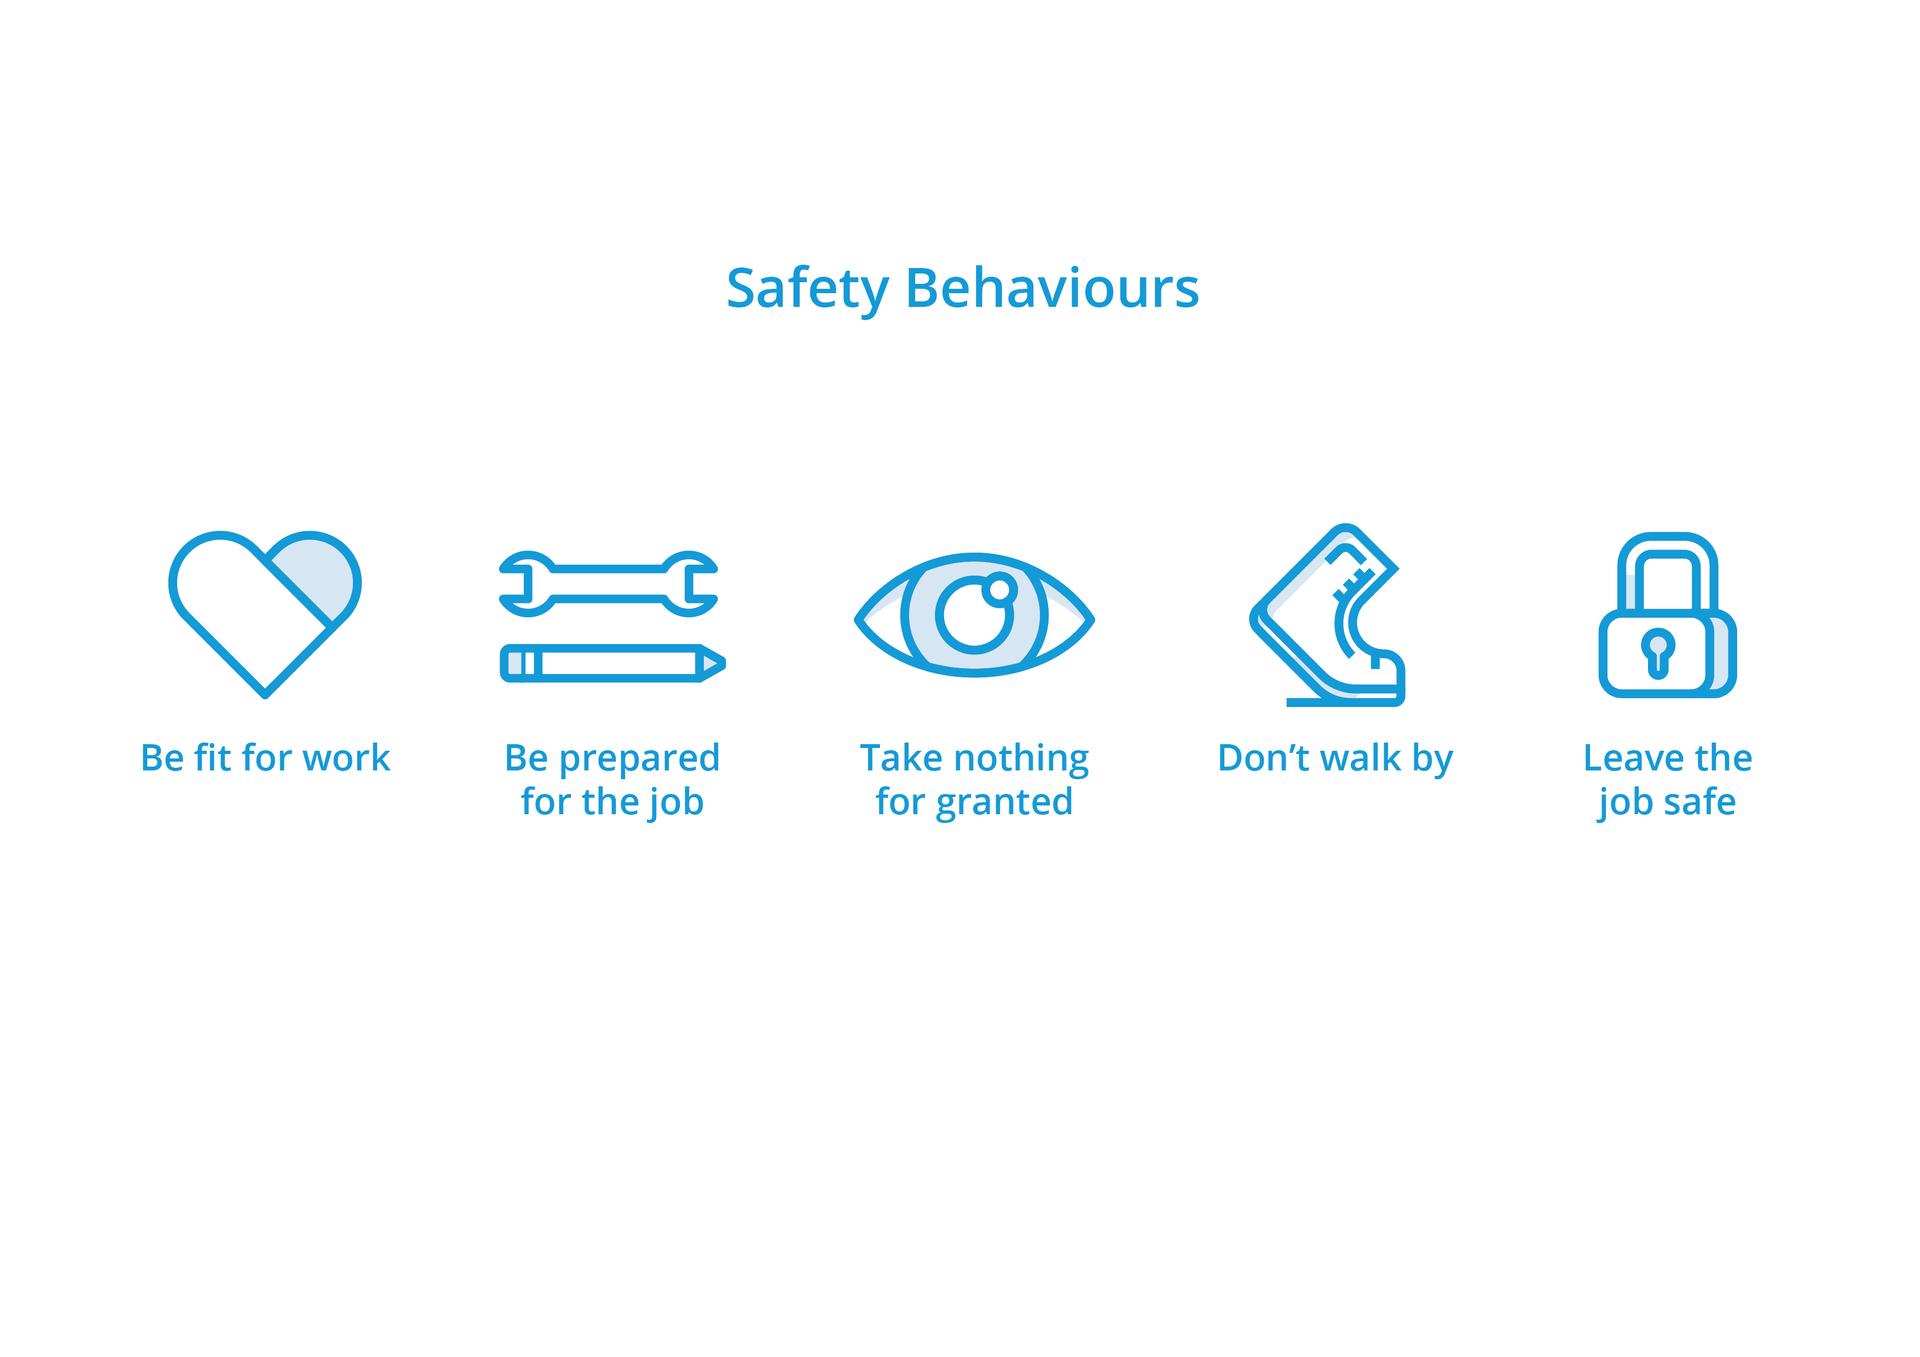 Safety Behaviours